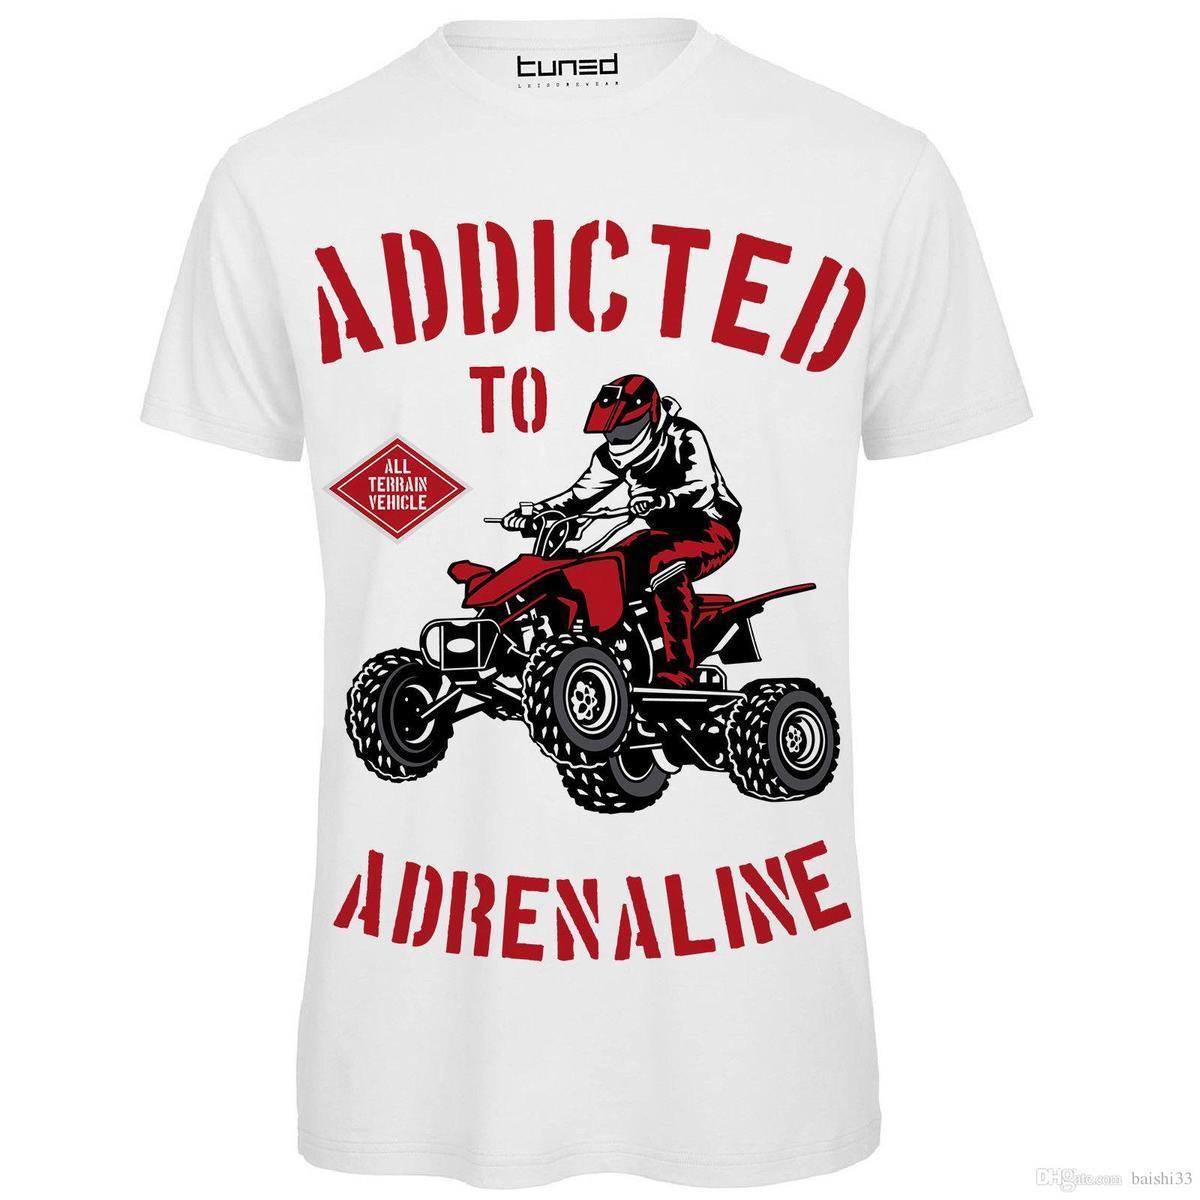 Compre T Shirt Divertente Uomo Maglia Con Stampa Motori Viciado Em  Adrenalina Ajustado Impresso T Shirt Dos Homens Roupas Top Tee De  Lijian033 f5464daedc2